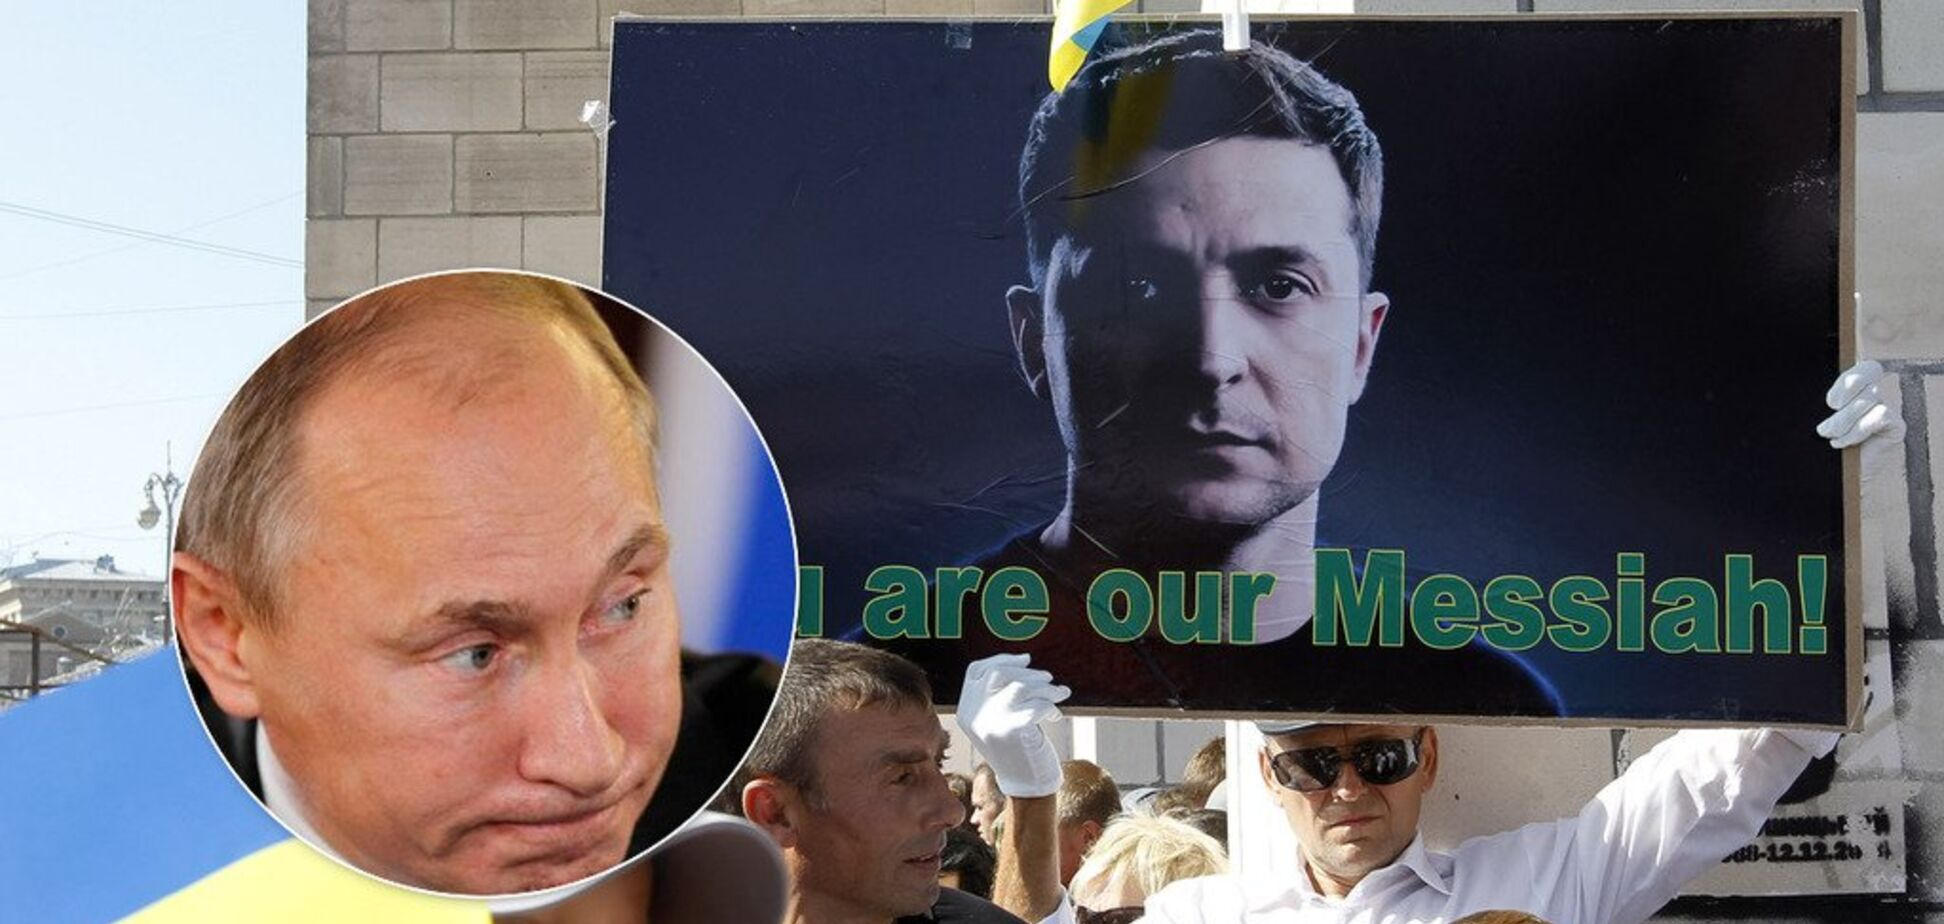 'Більше, ніж у Путіна': чому і як росте рейтинг Зеленського